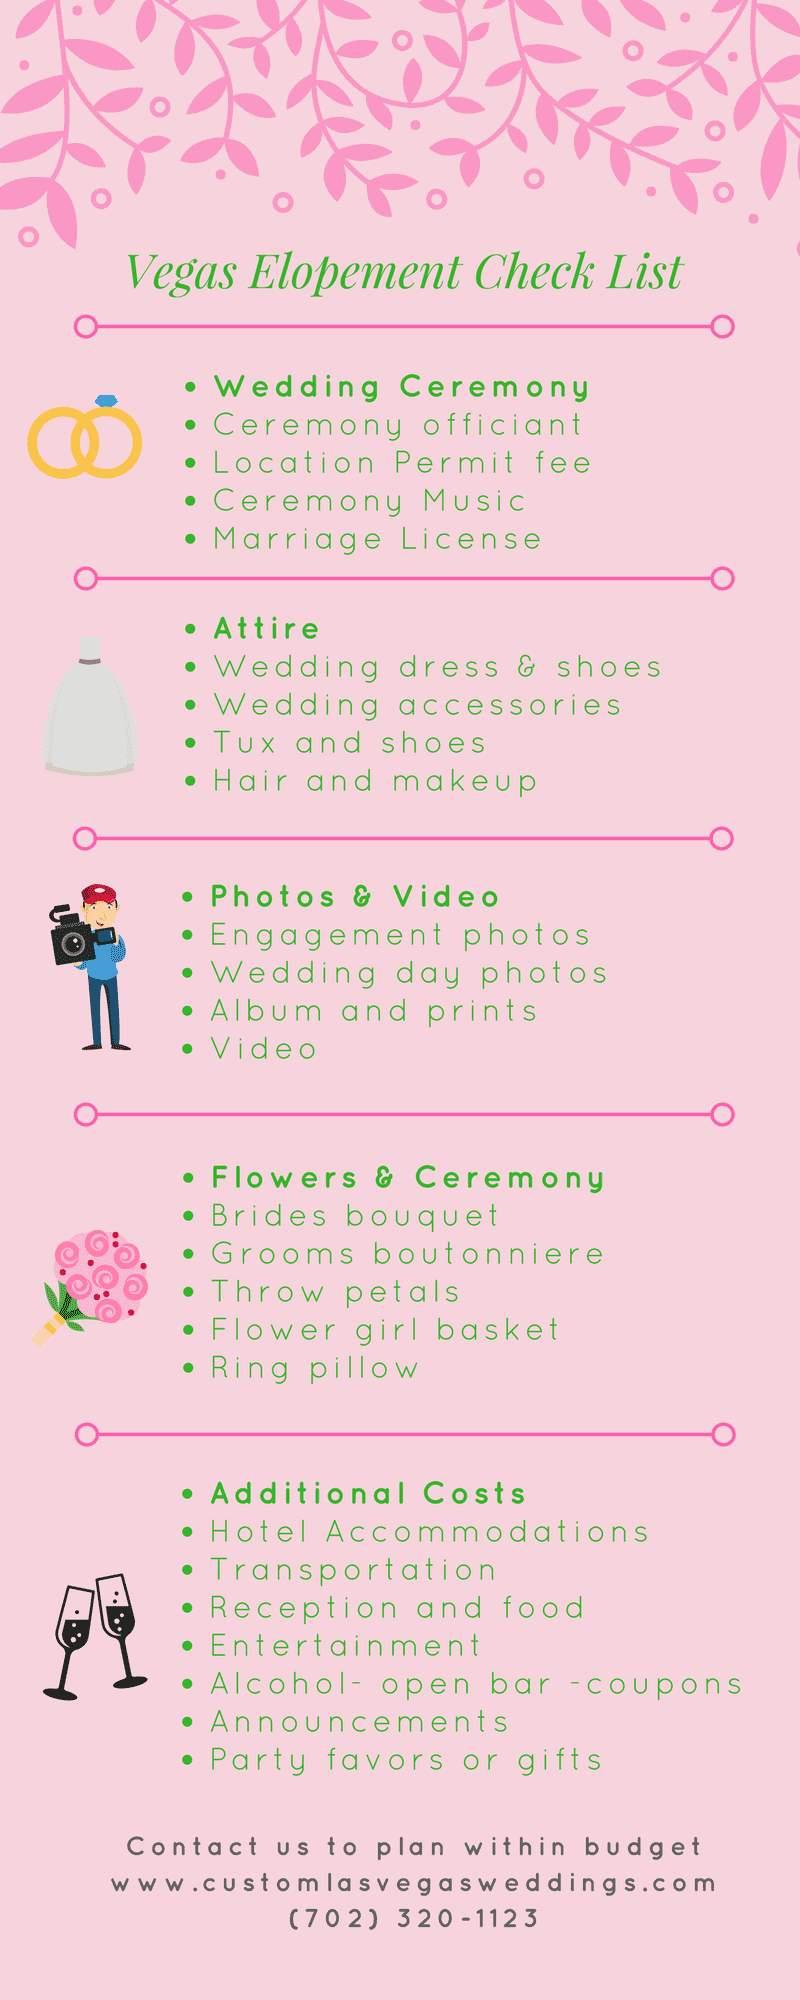 vegas wedding budget checklist event planning